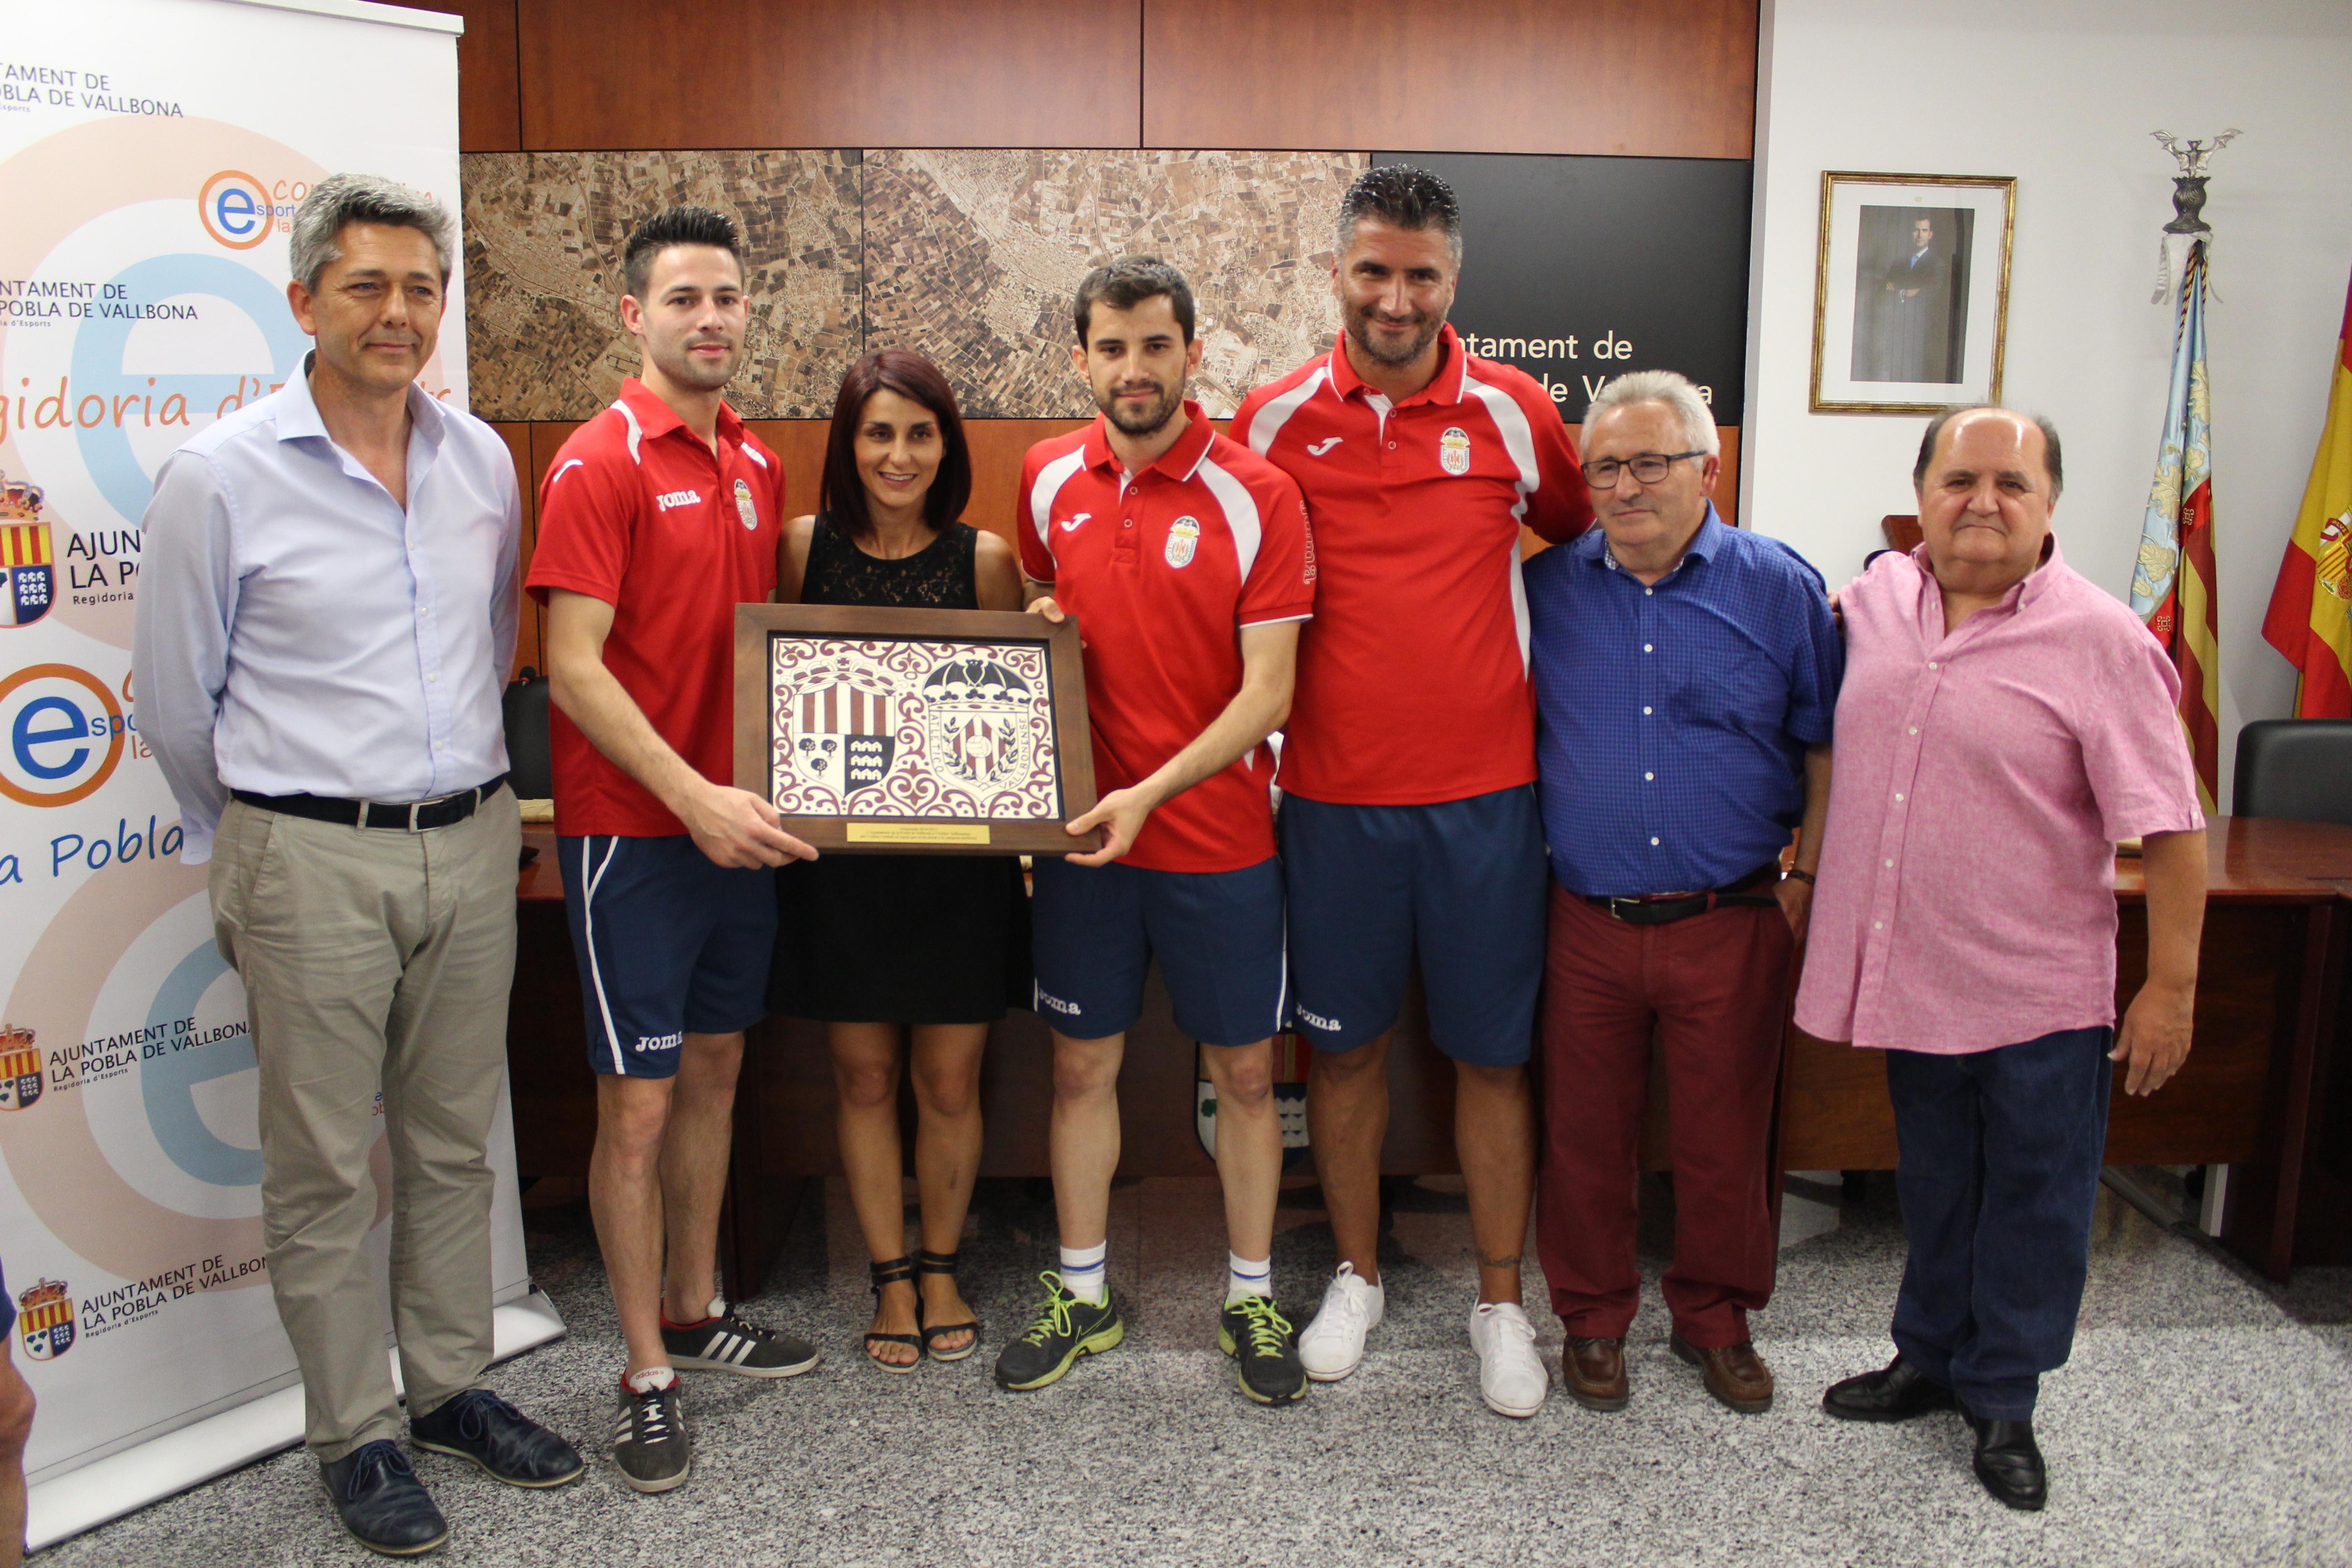 L'Ajuntament de la Pobla homenatja el Vallbonense per l'ascens.